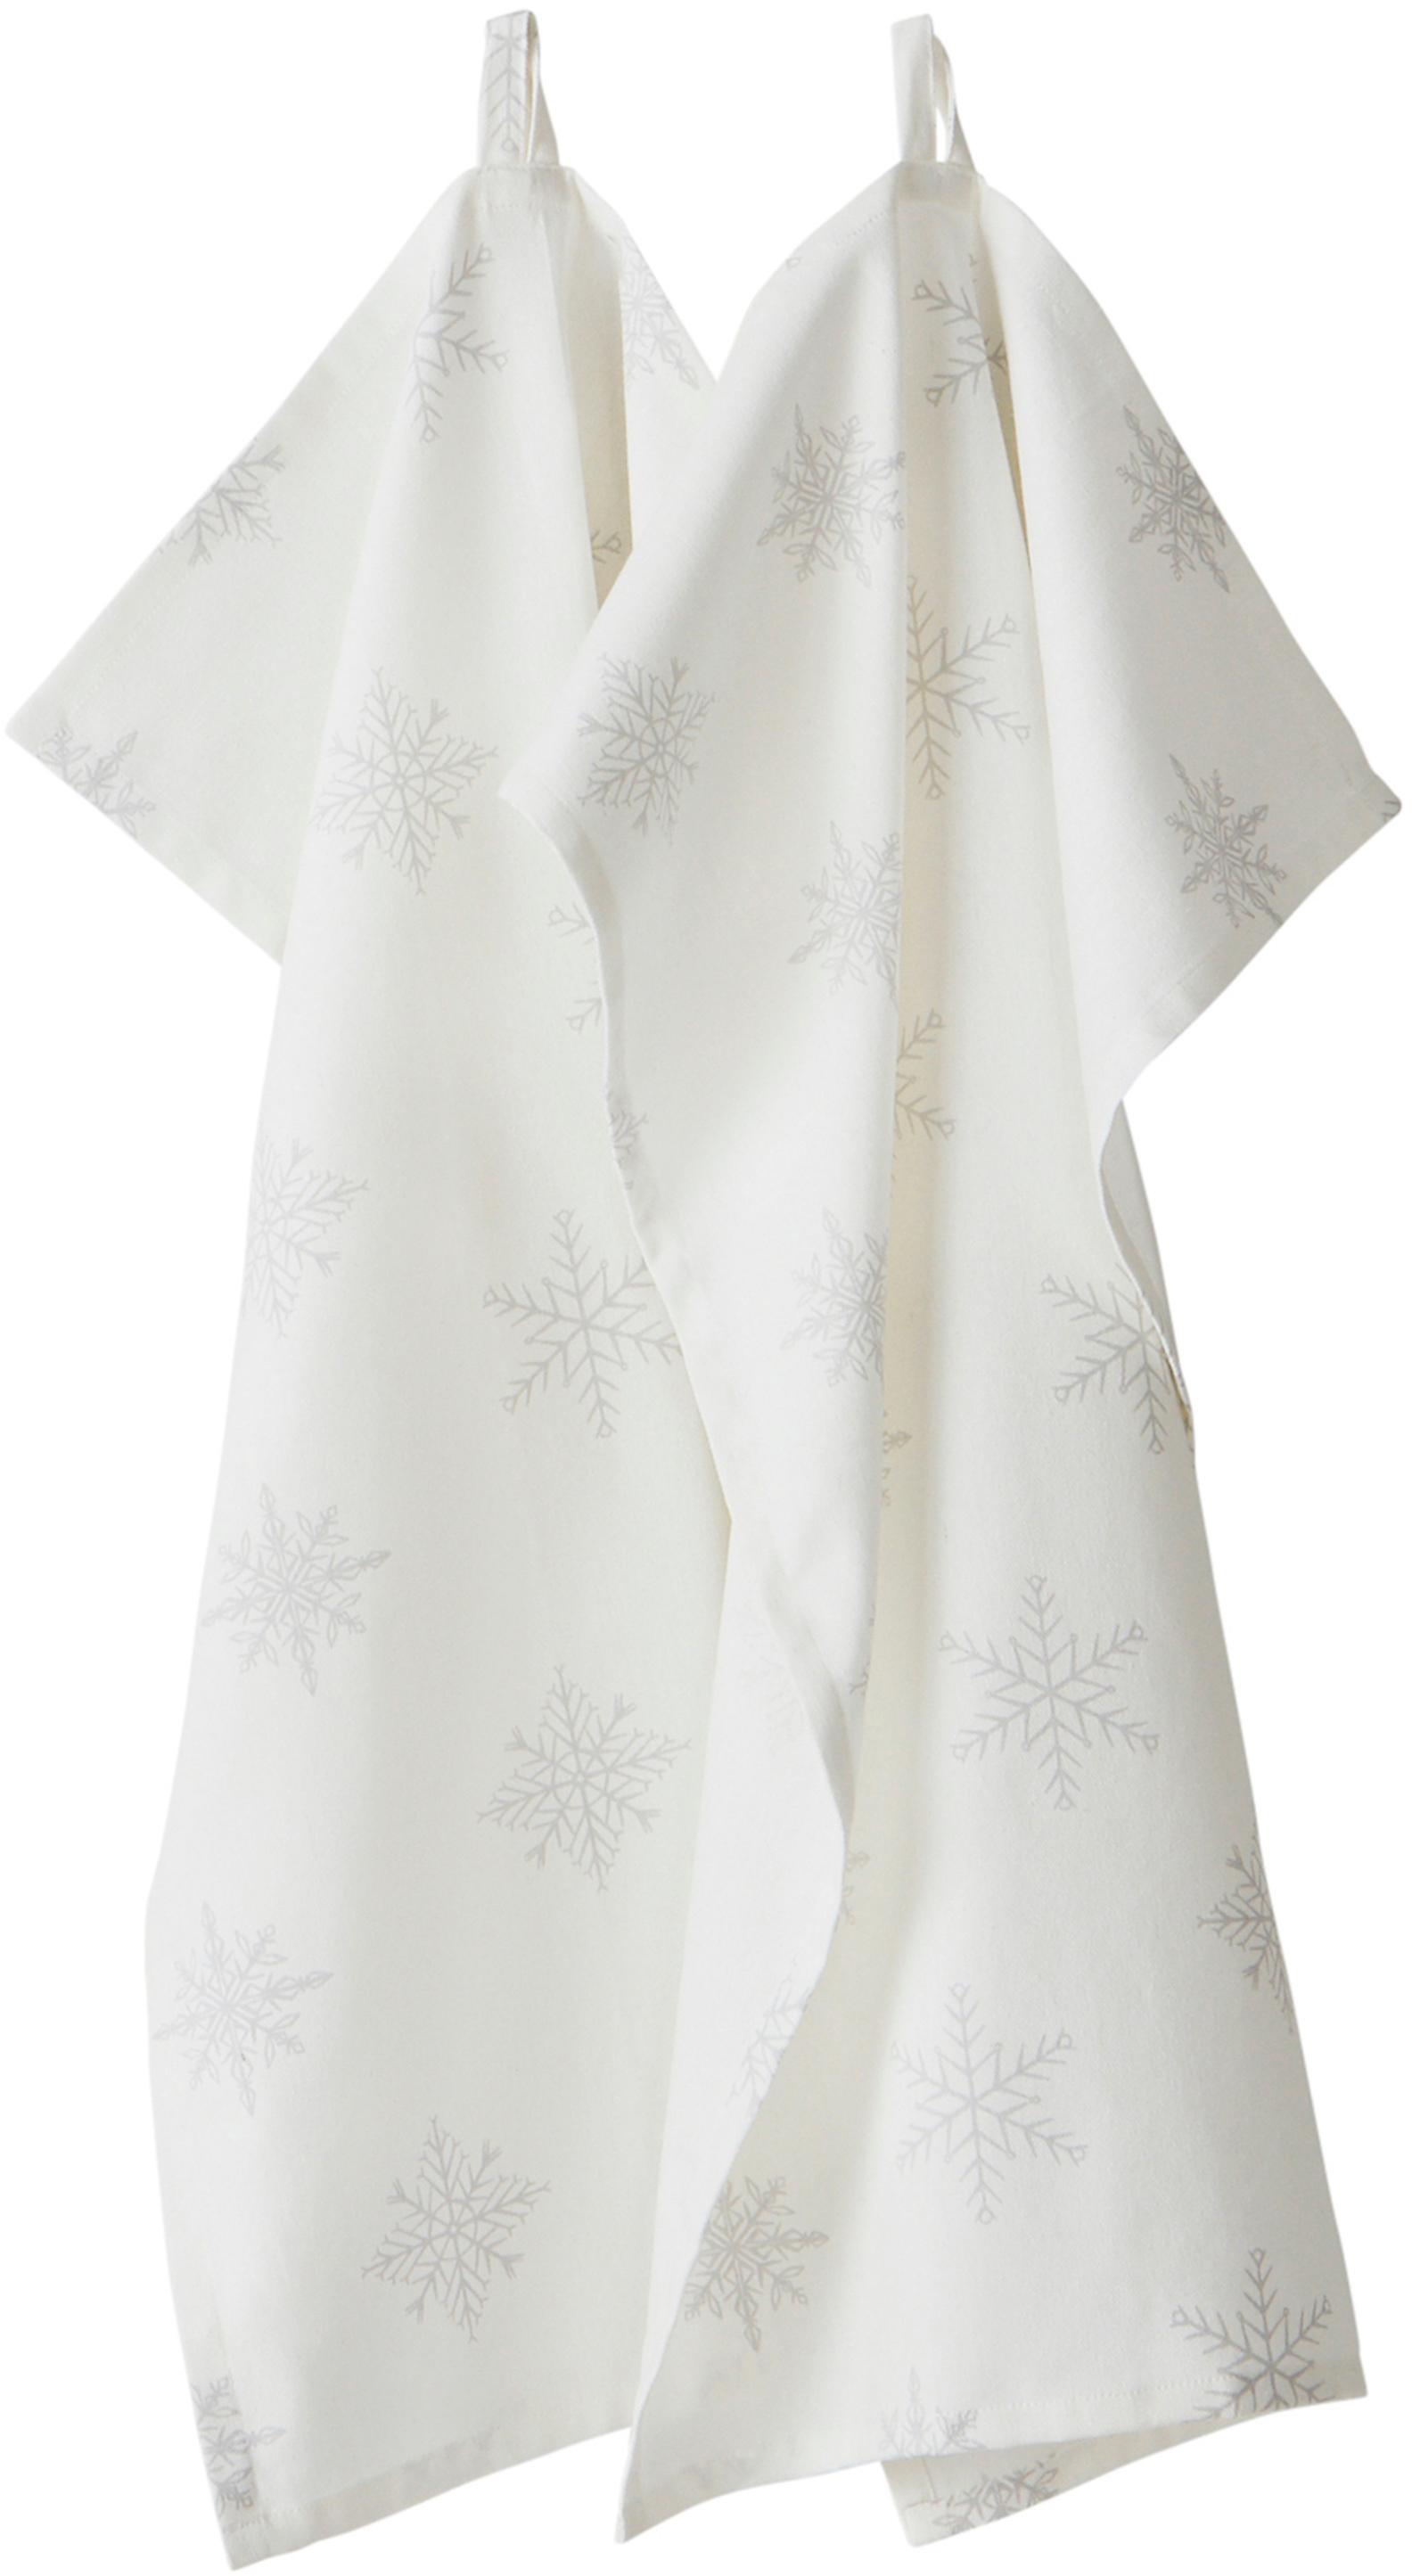 Theedoeken Snow, 2 stuks, 100% katoen, afkomstig van duurzame katoenteelt, Crèmewit, lichtgrijs, 50 x 70 cm